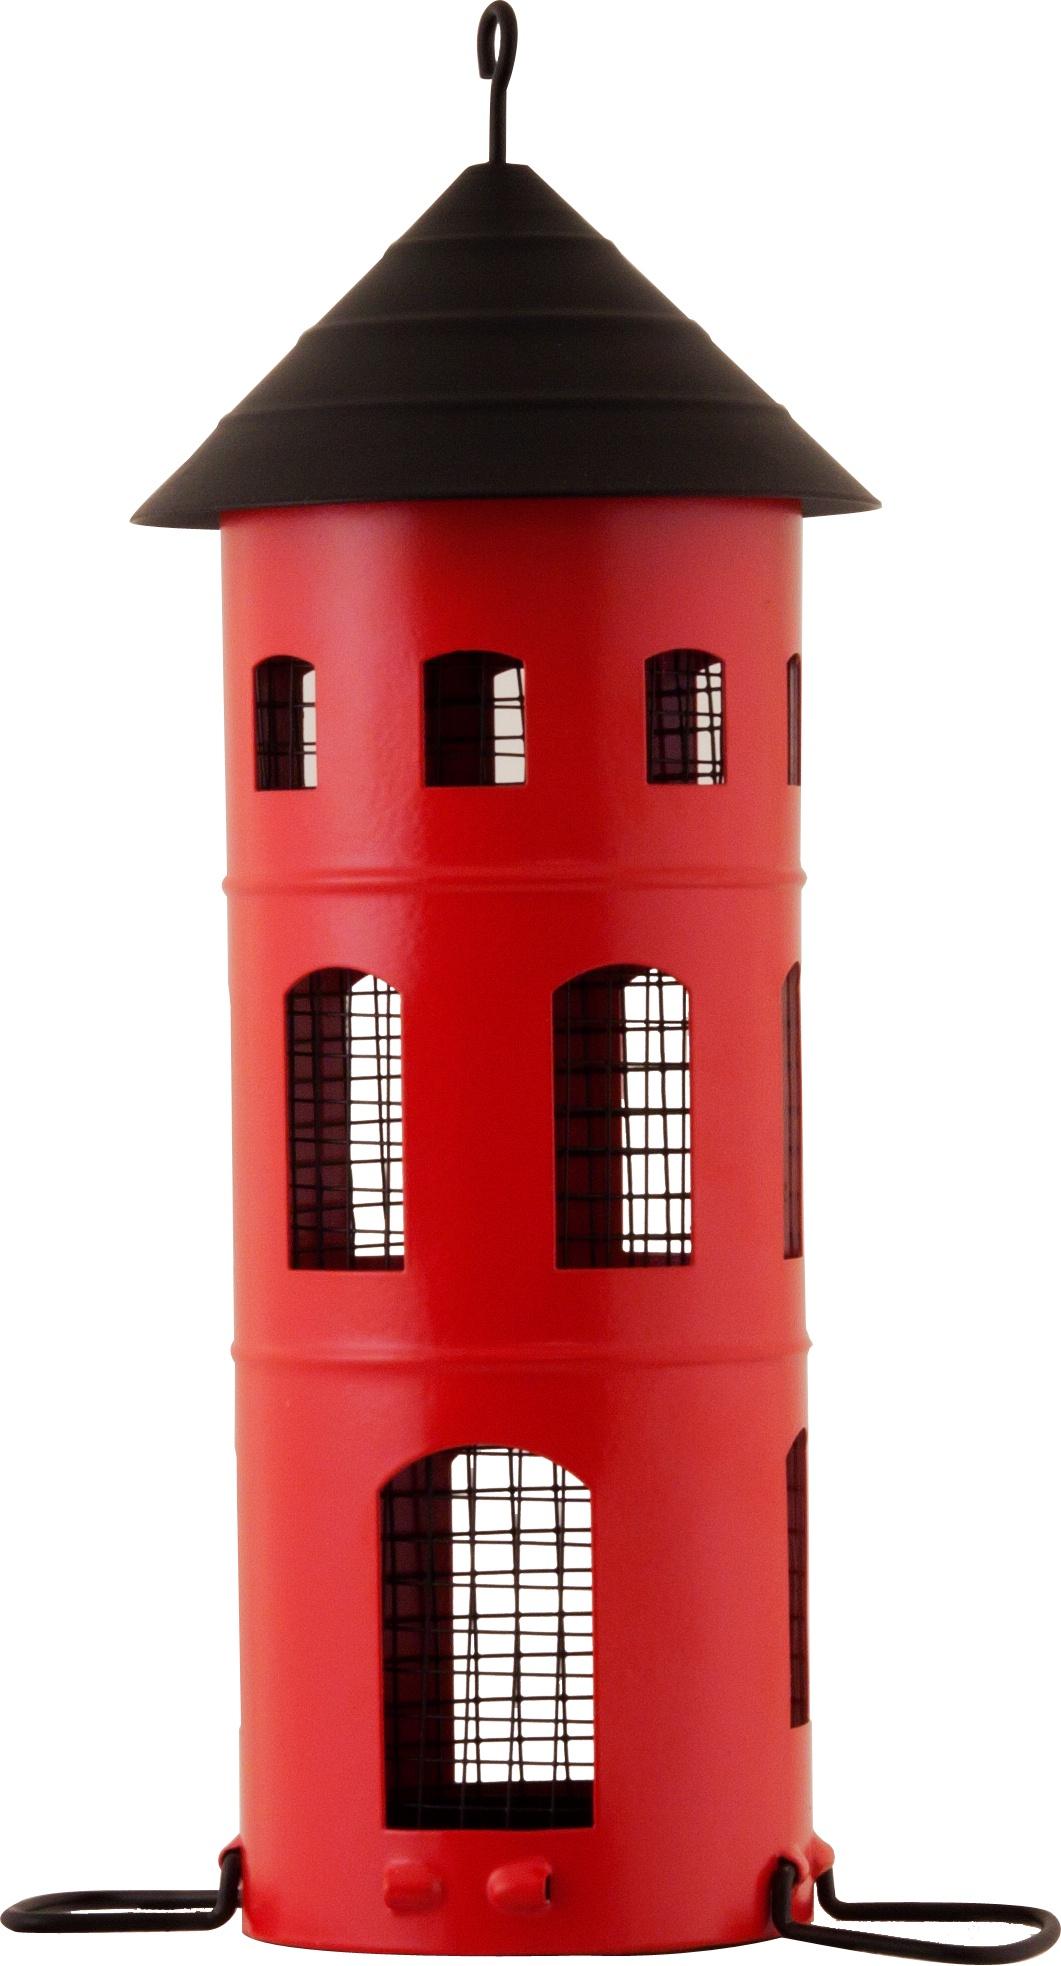 Кормушка для животных Wildlife Garden Nuts Red кормушка для птиц wildlife garden nuts wg321 black